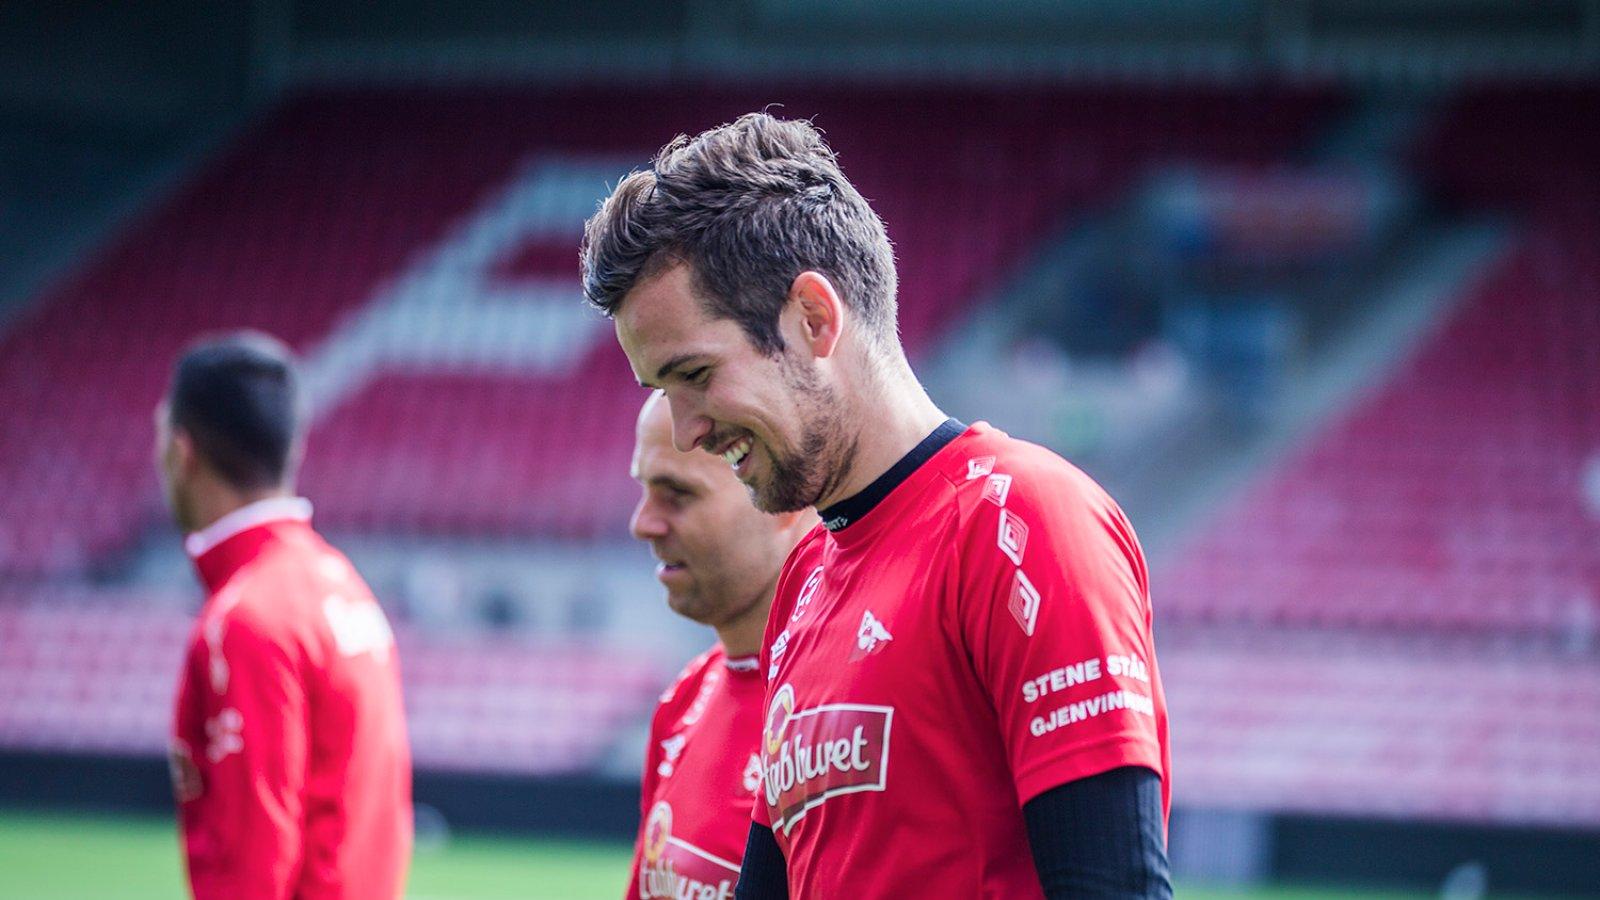 Trening på Stadion mai 2016 - Martin Thømt Jensen